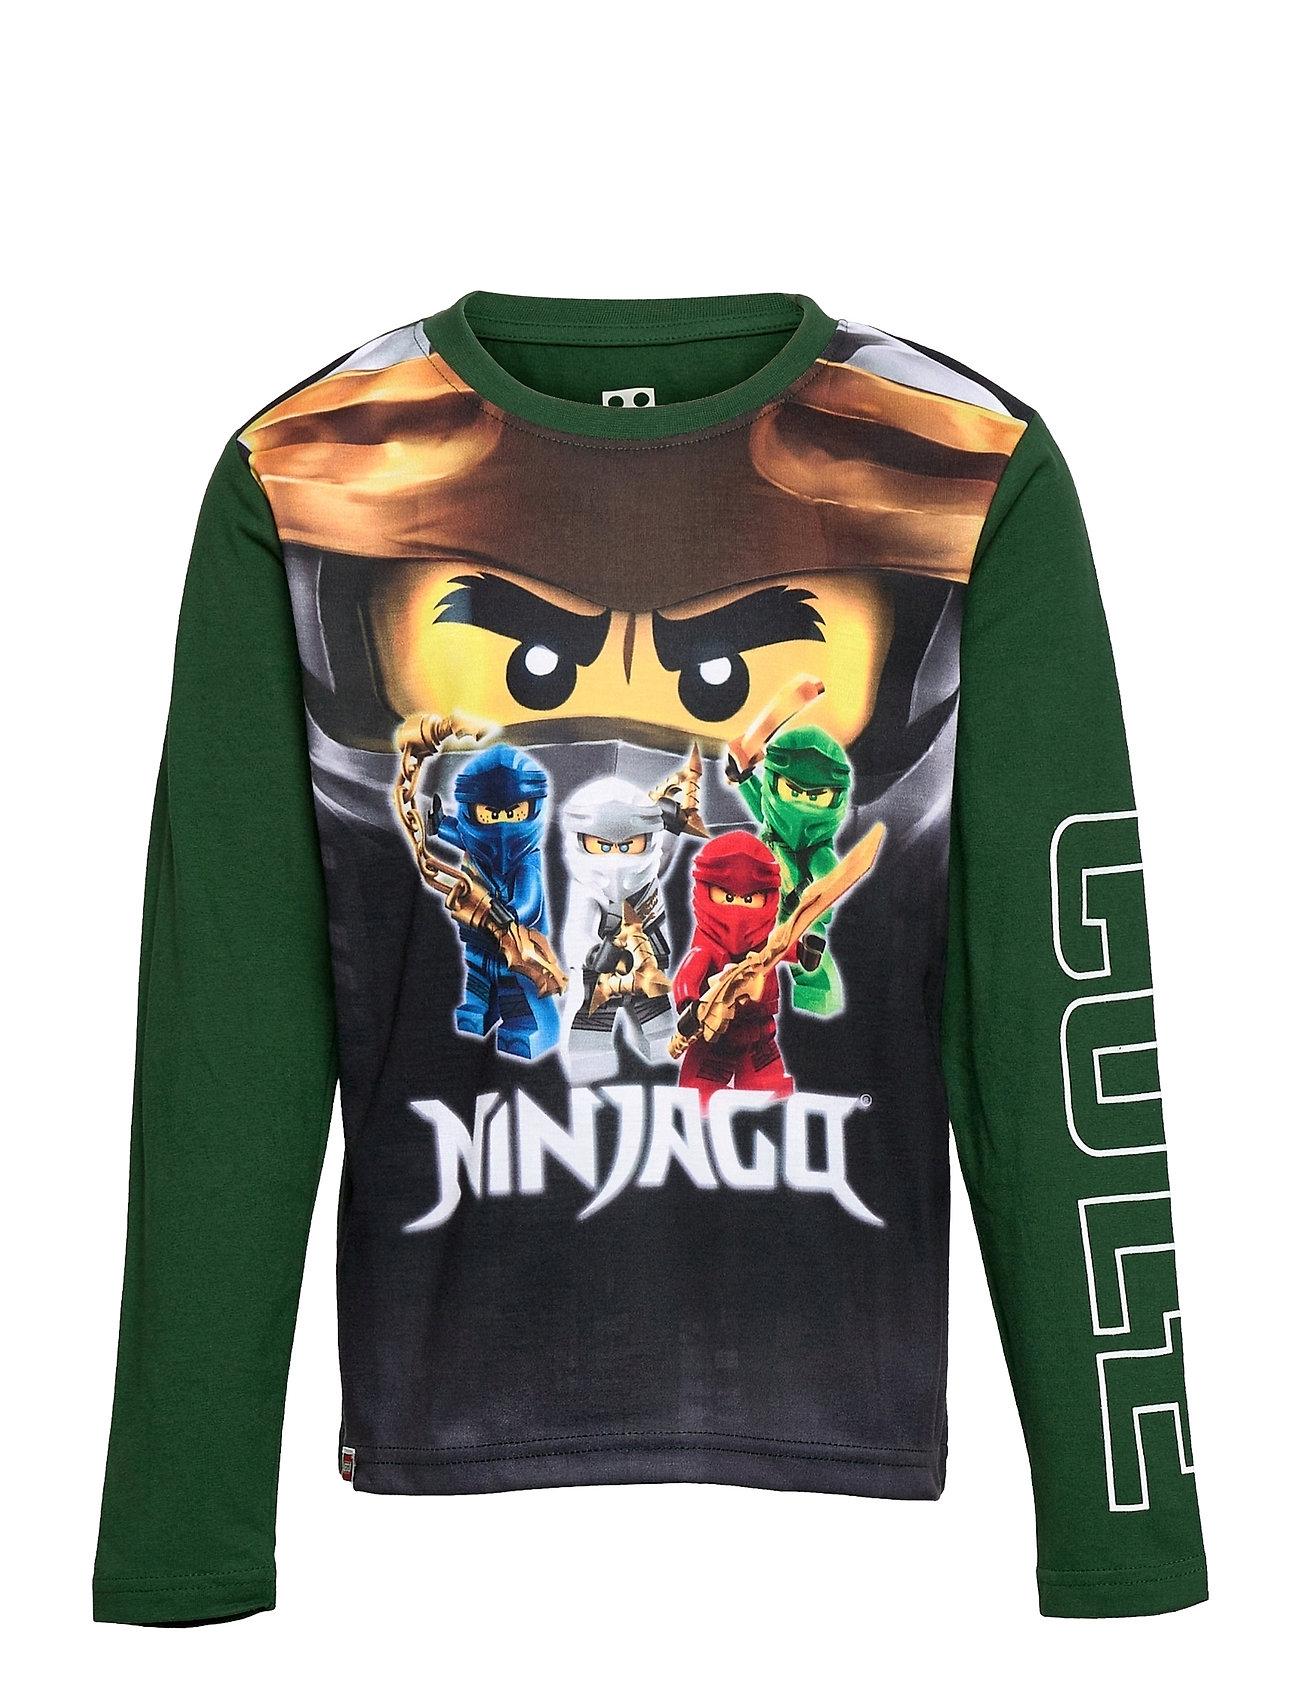 M12010201 - T-Shirt Ls Langærmet T-shirt Grøn Lego Wear